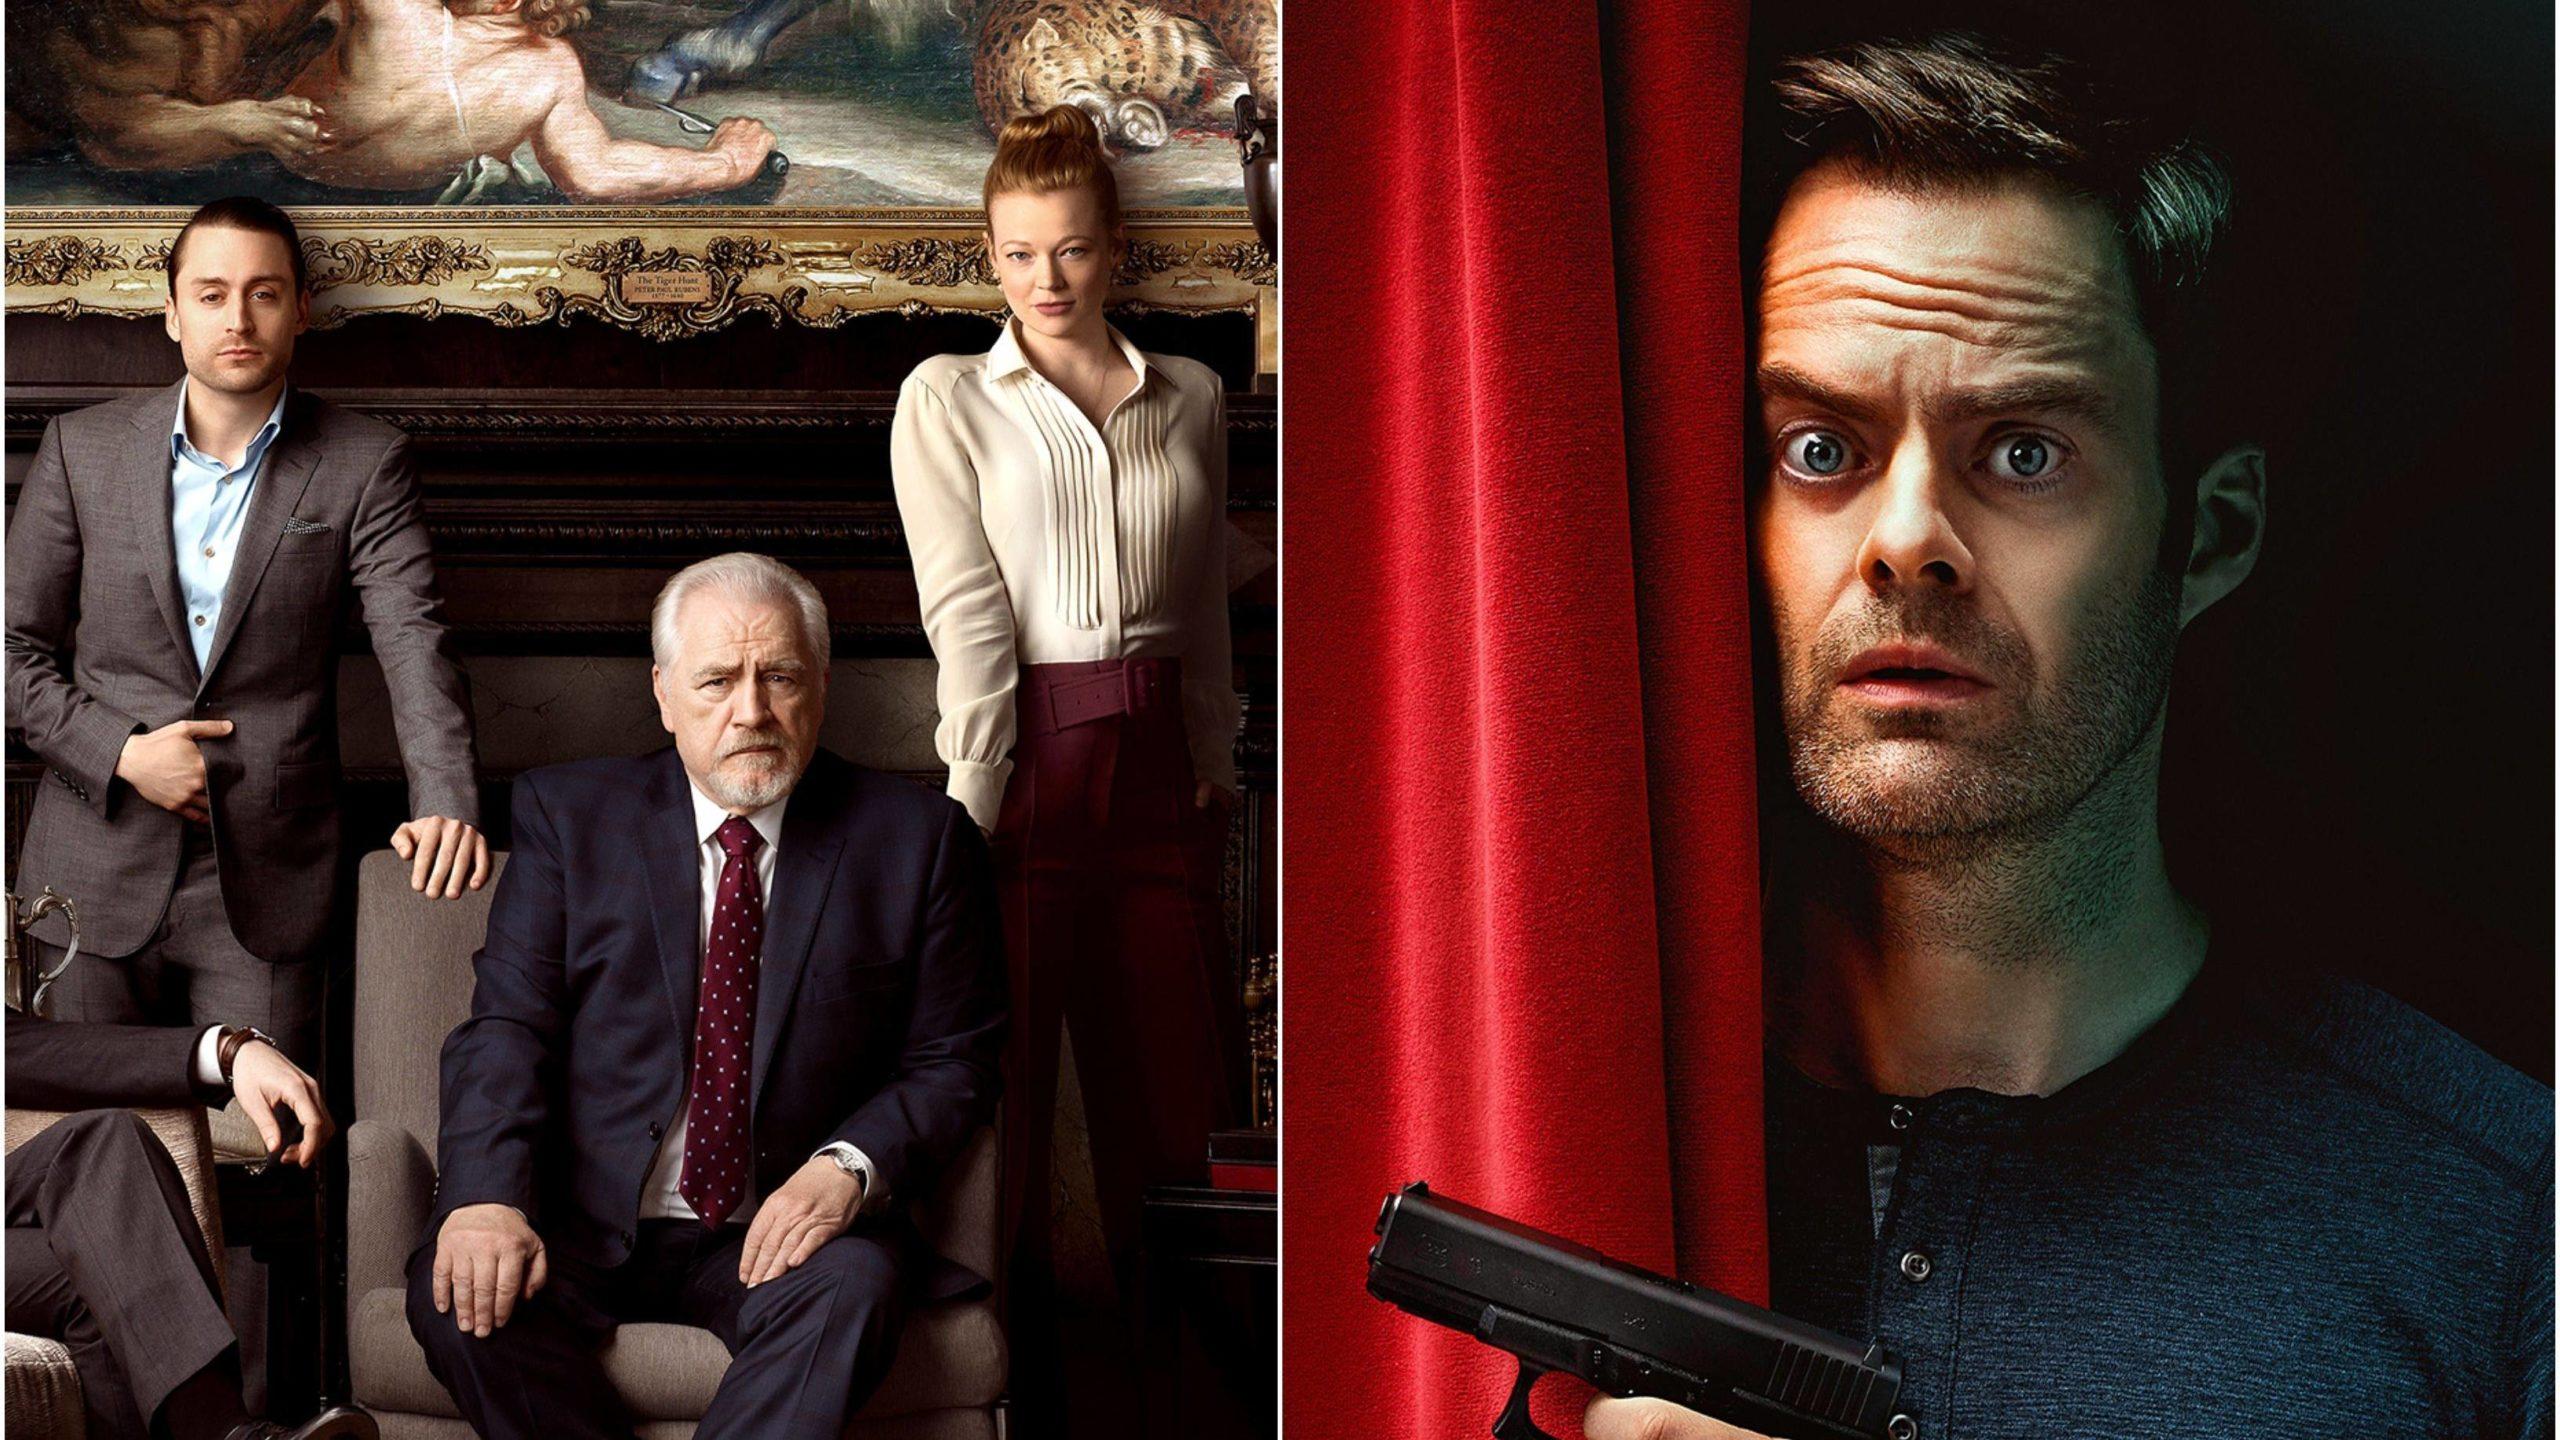 HBO pospone rodaje de Succession y Barry por coronavirus COVID-19